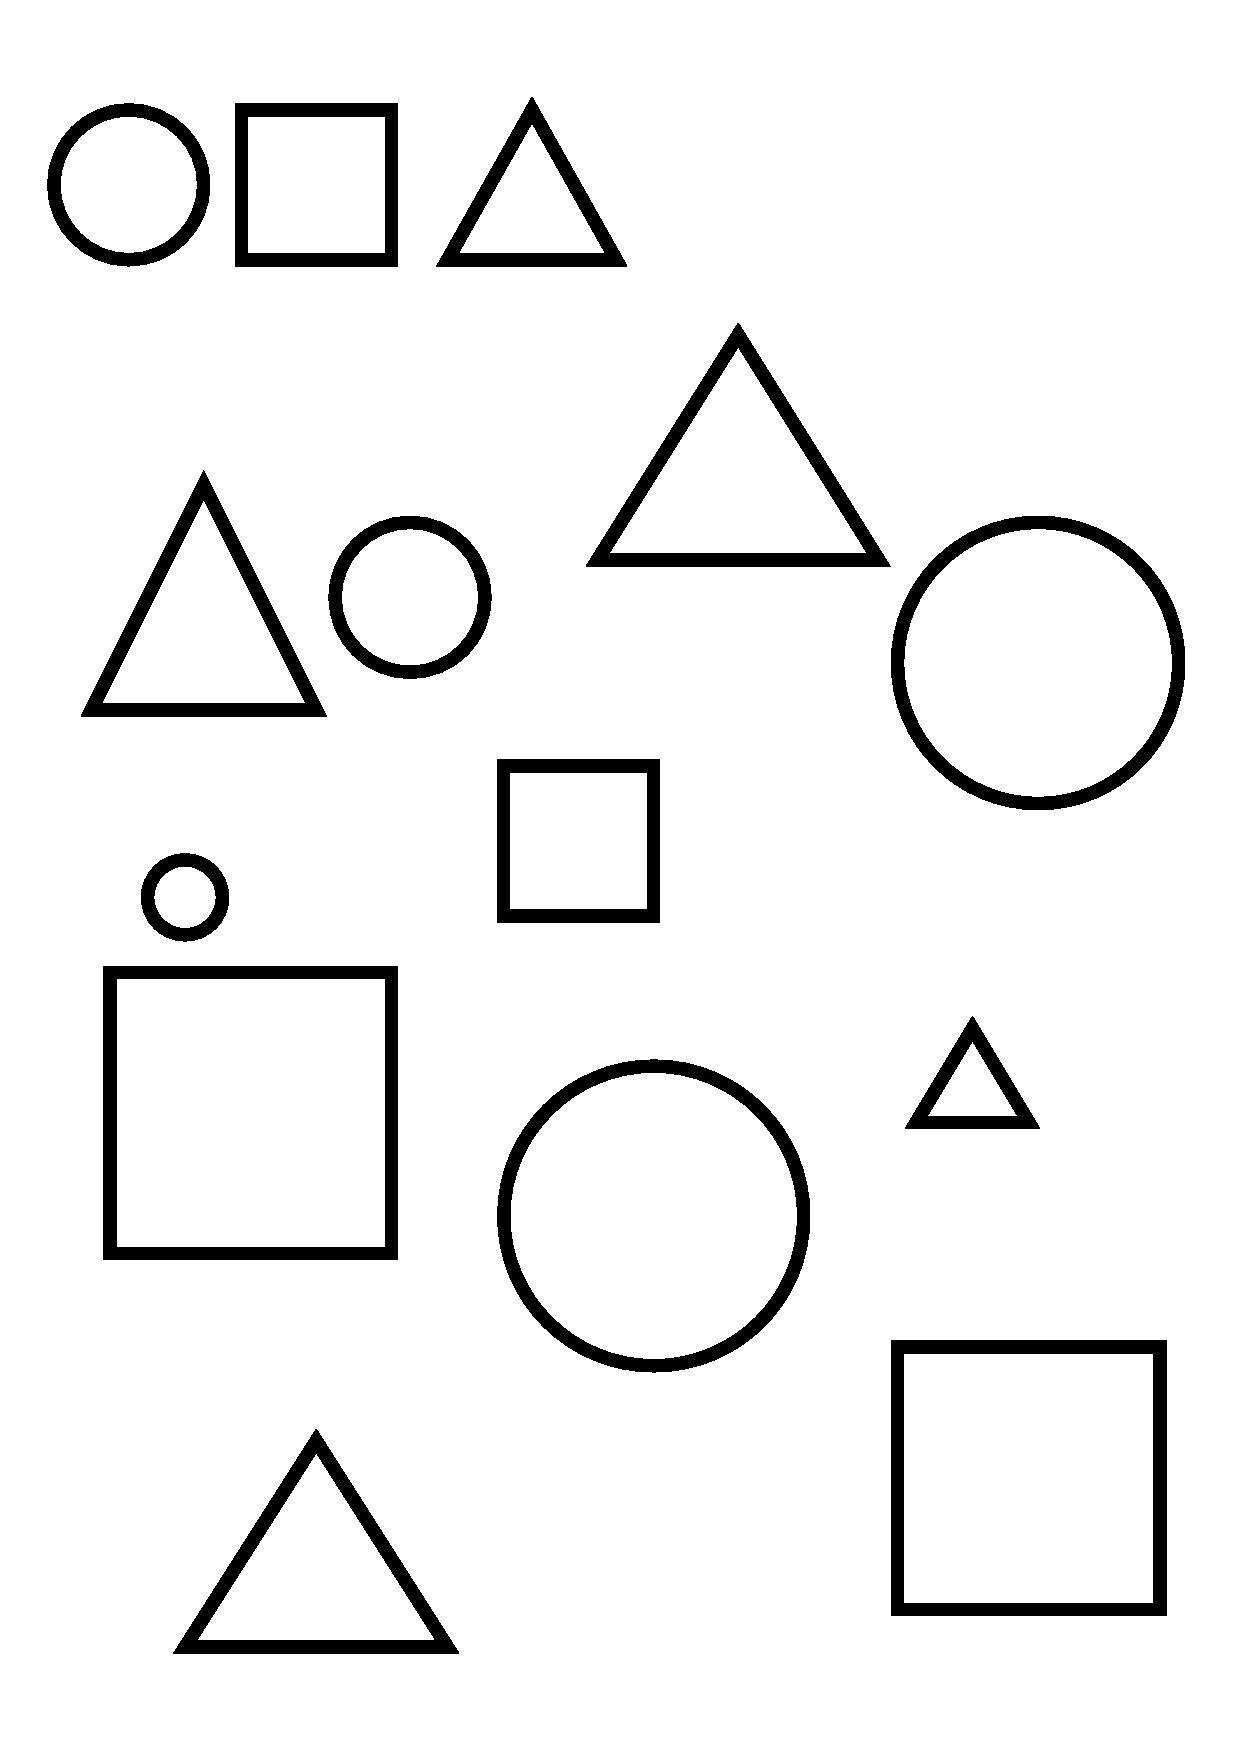 16 dessins de coloriage souris ps imprimer - Coloriage magique ps maternelle ...